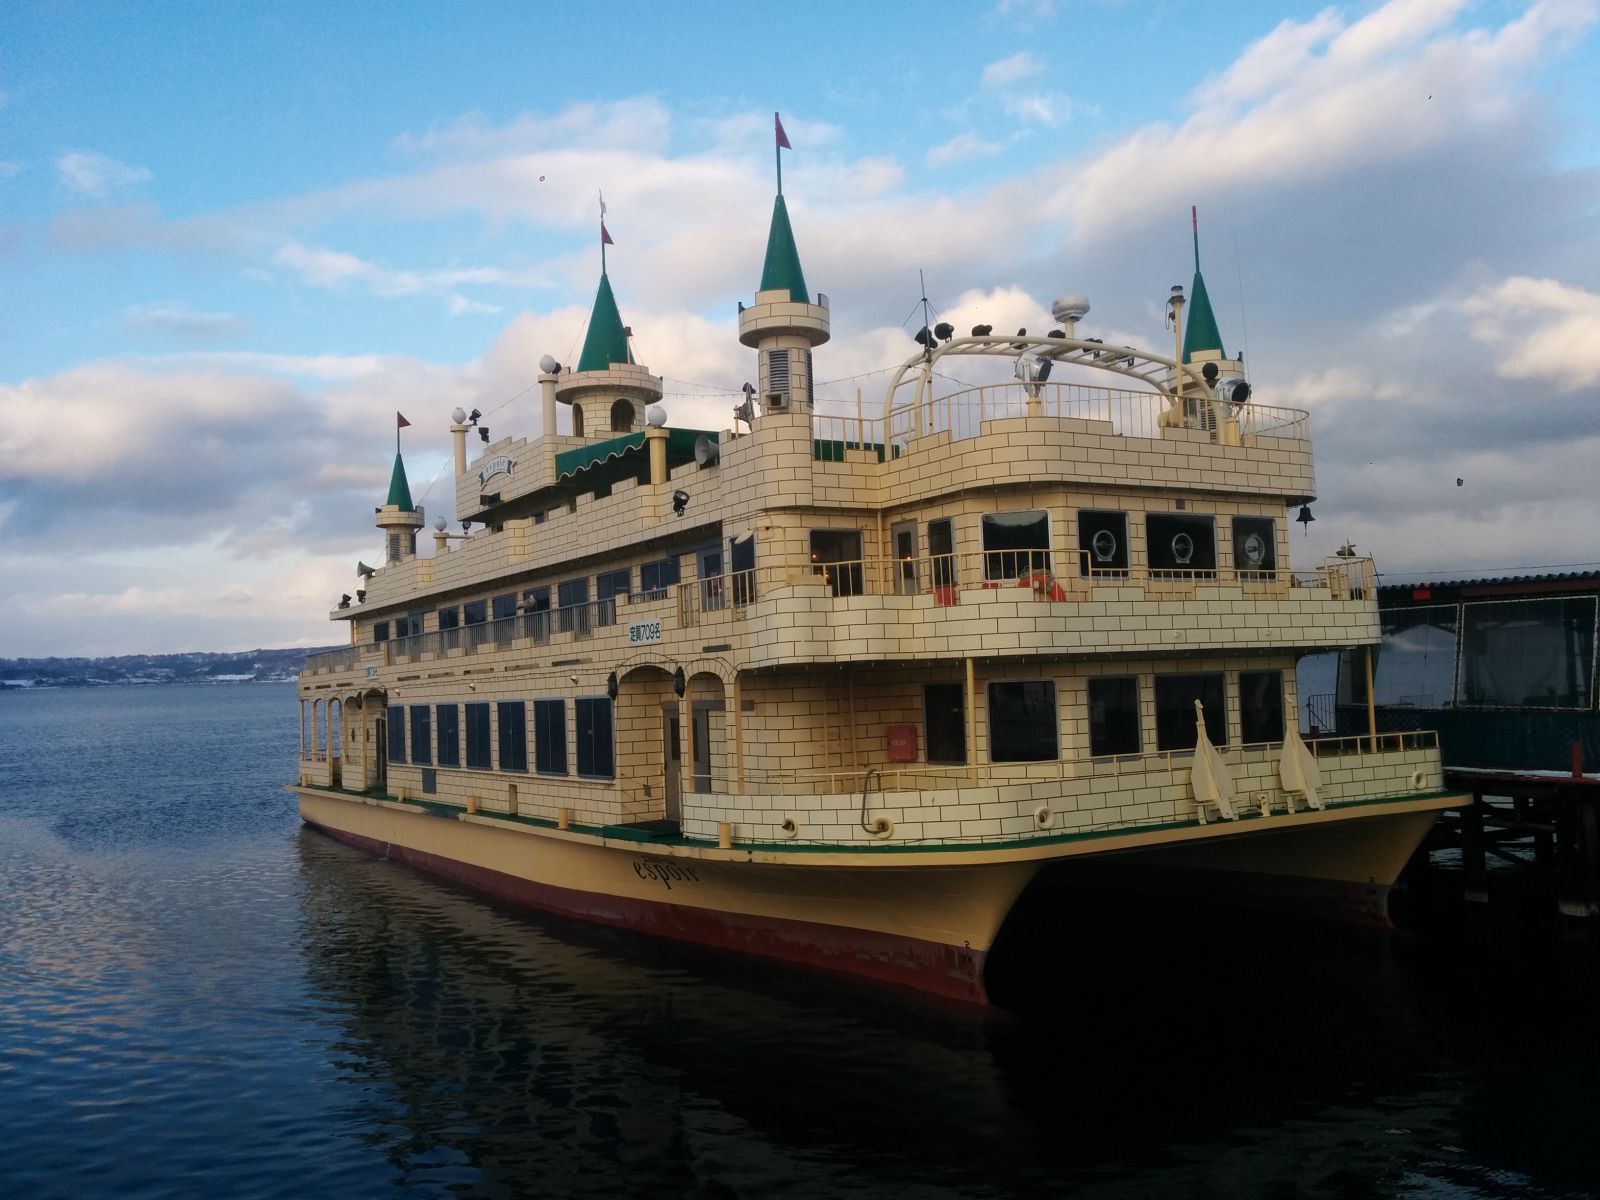 【洞爺湖】冬の洞爺湖遊覧船観光案内です。